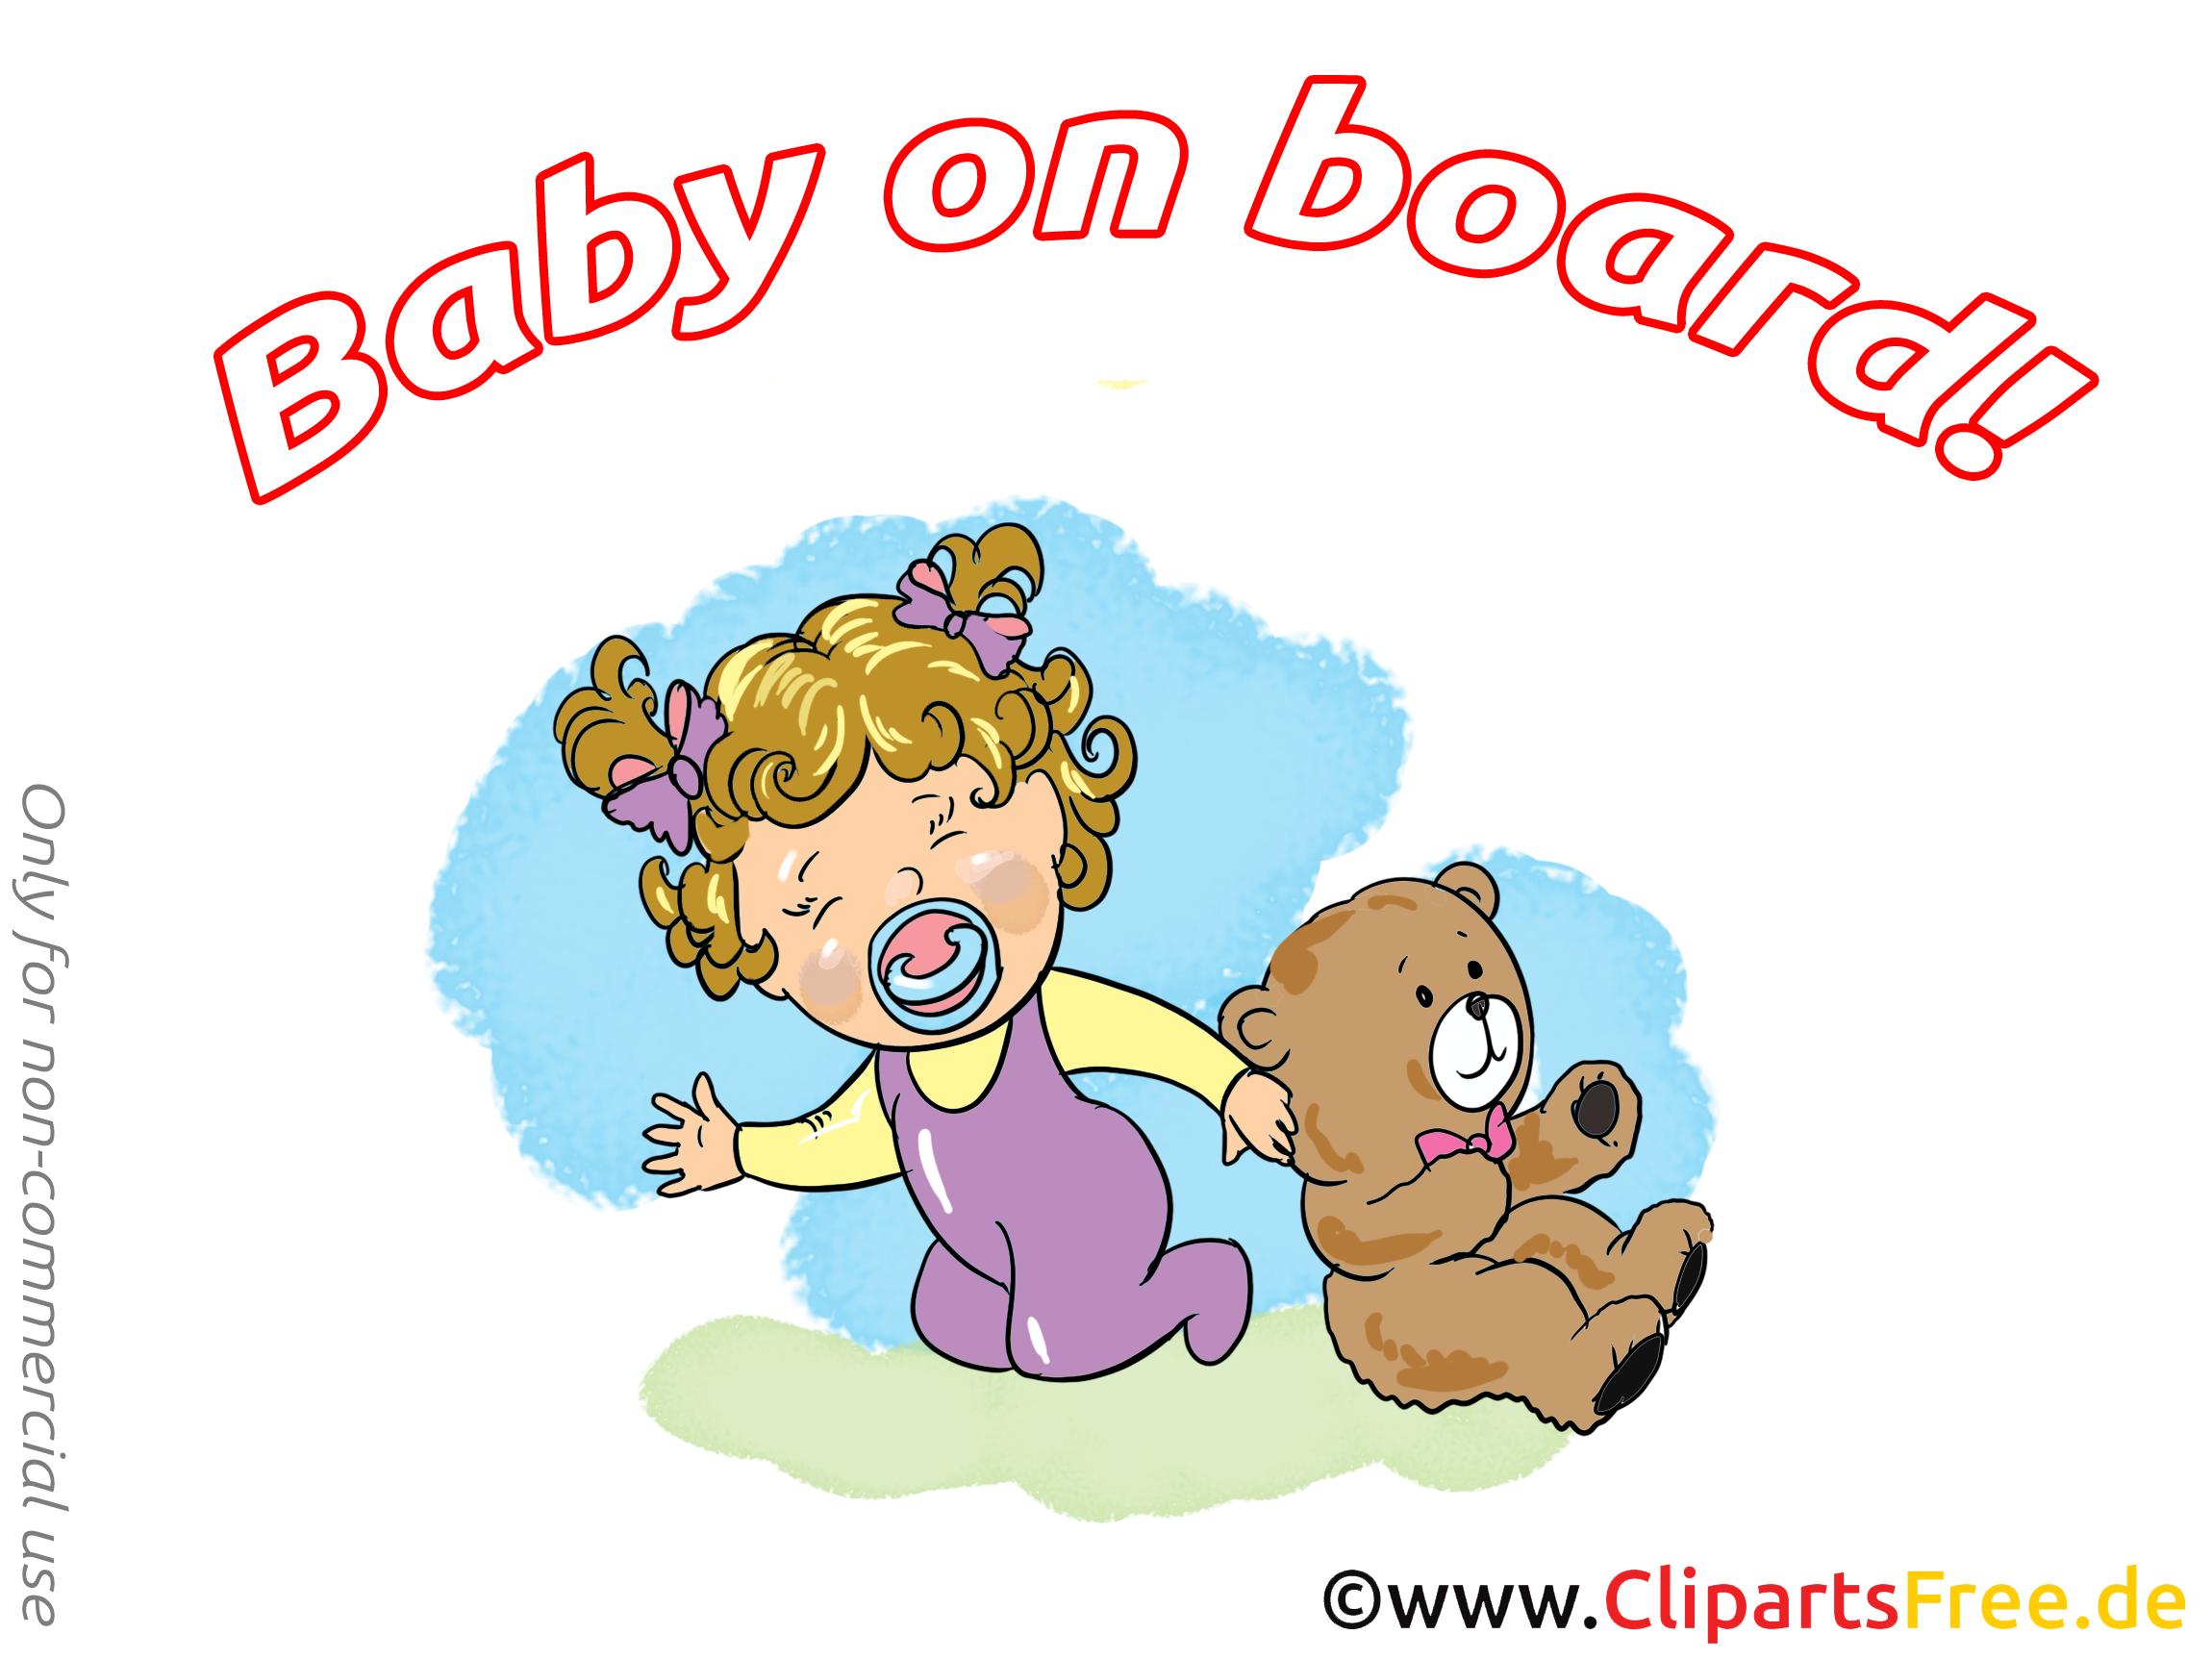 Ours en peluche dessins gratuits – Bébé à bord clipart